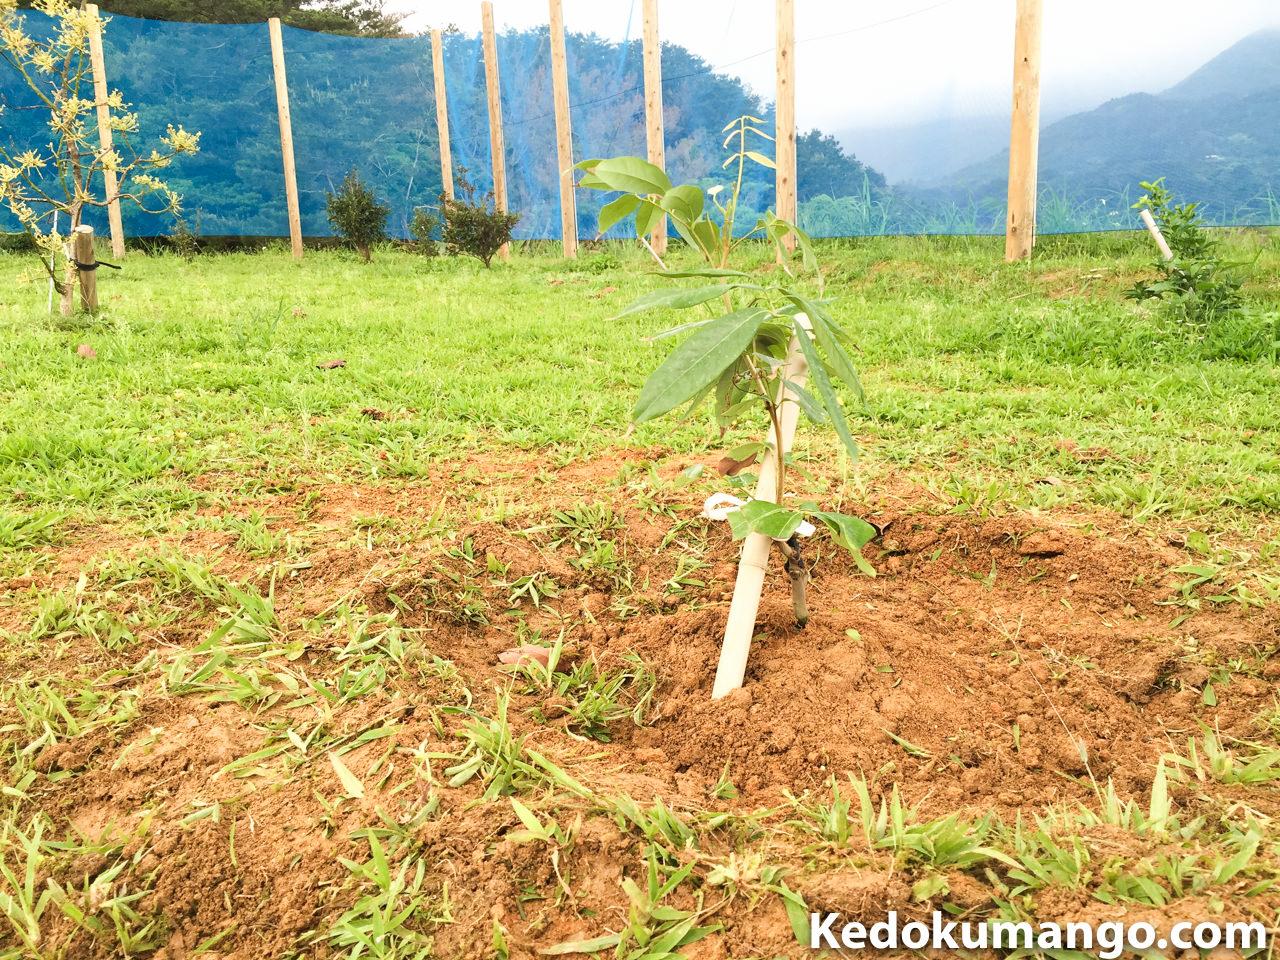 レイシ(ライチ)の苗木を定植した様子-1